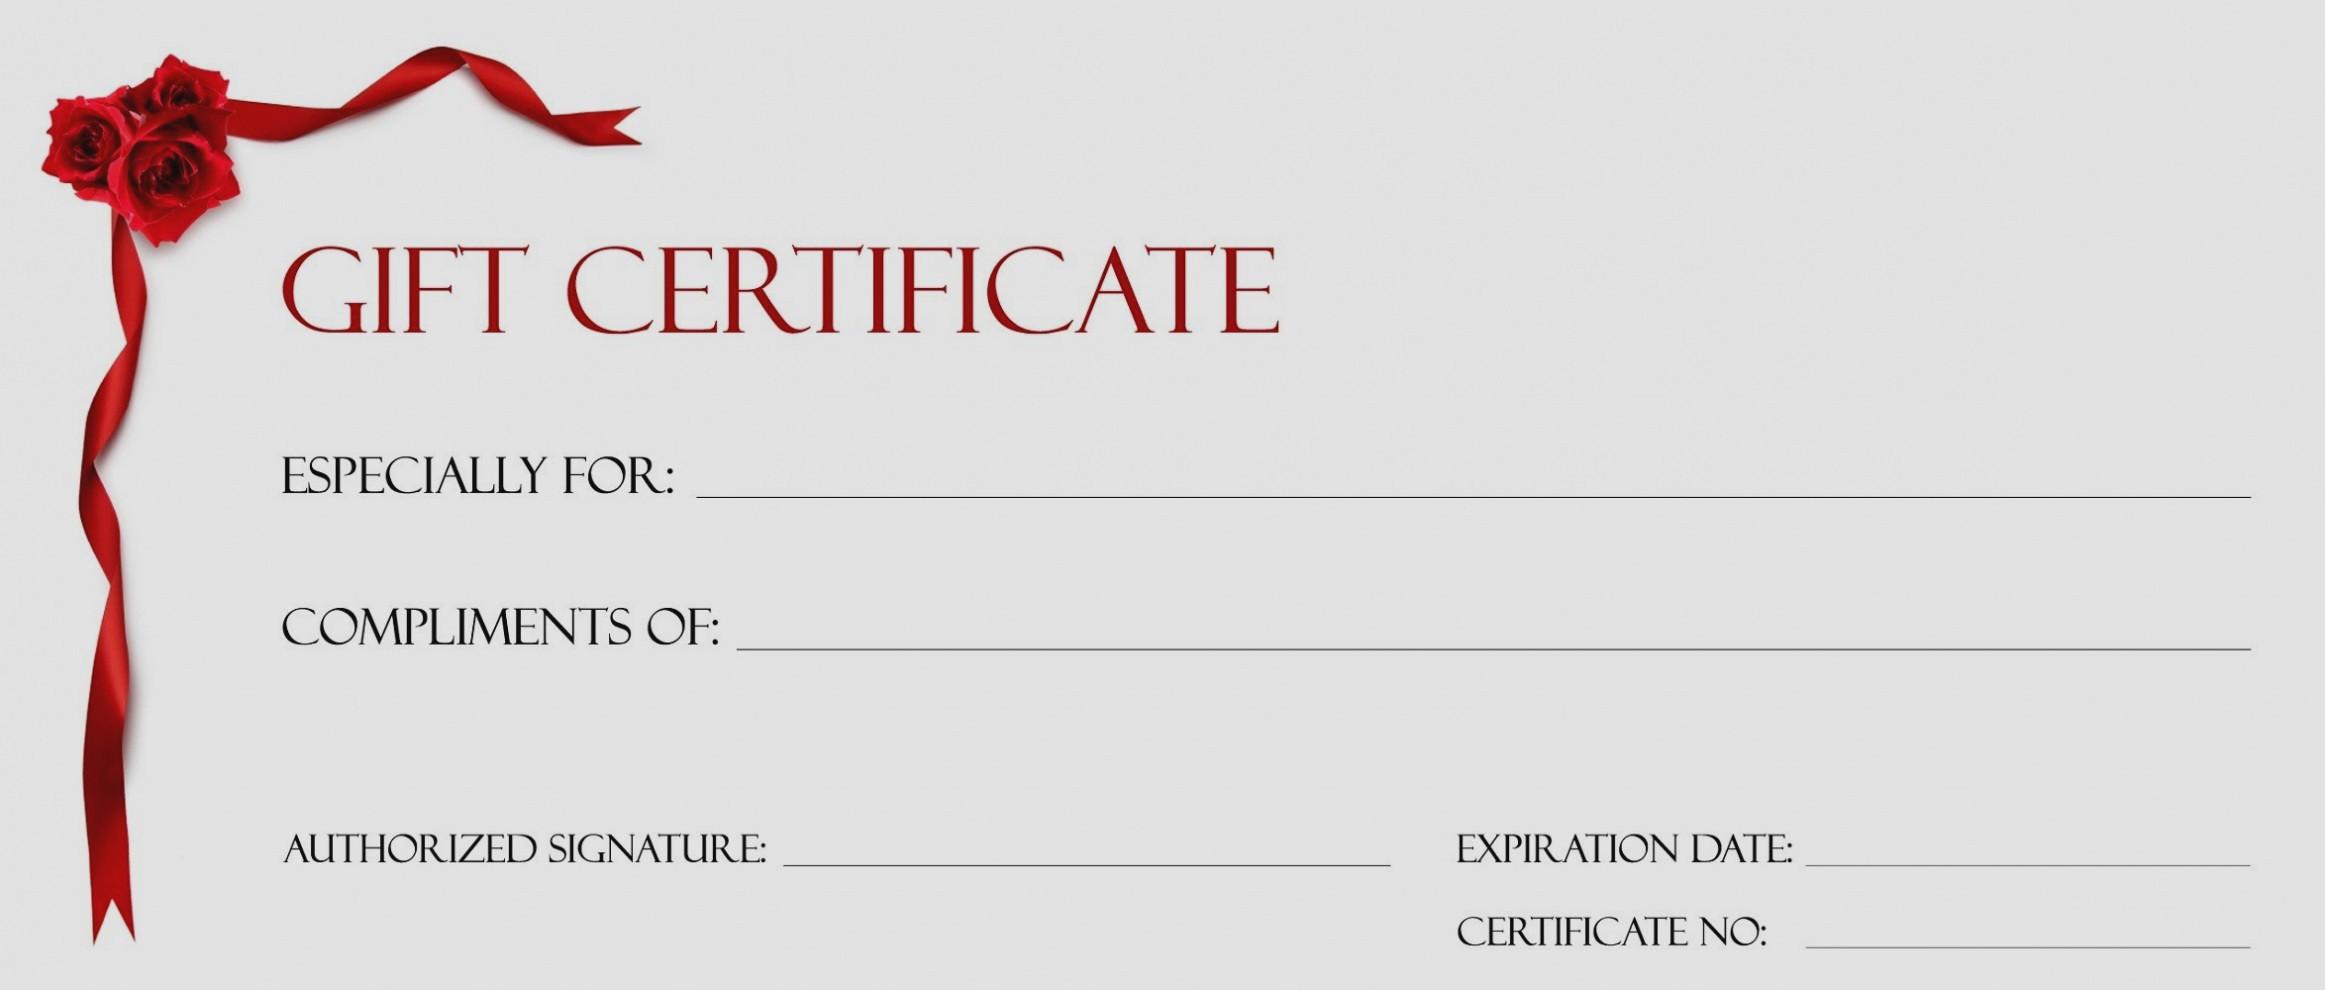 Congratulations Certificate Template Microsoft Word Beautiful Gift Certificate Template In Word 2018 Certificate